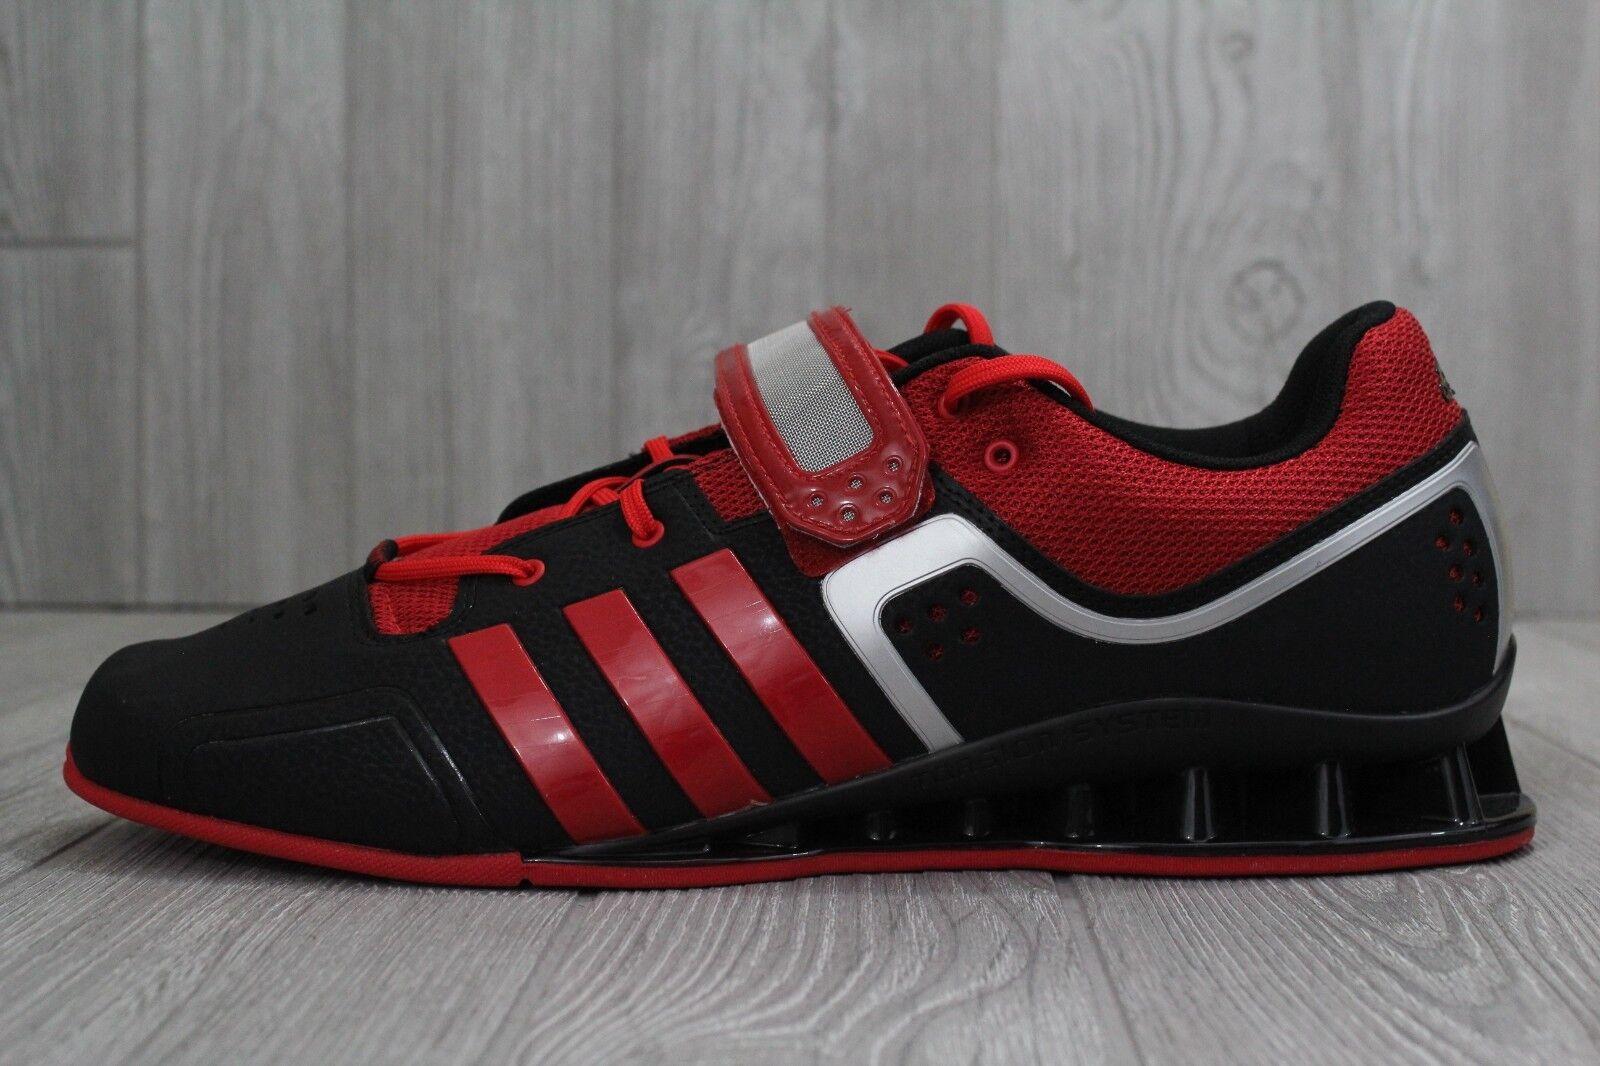 30. adidas 15 adipower weightlift m21865 krafttraining schuhe männer größe 15 adidas rot - schwarz cf66ae